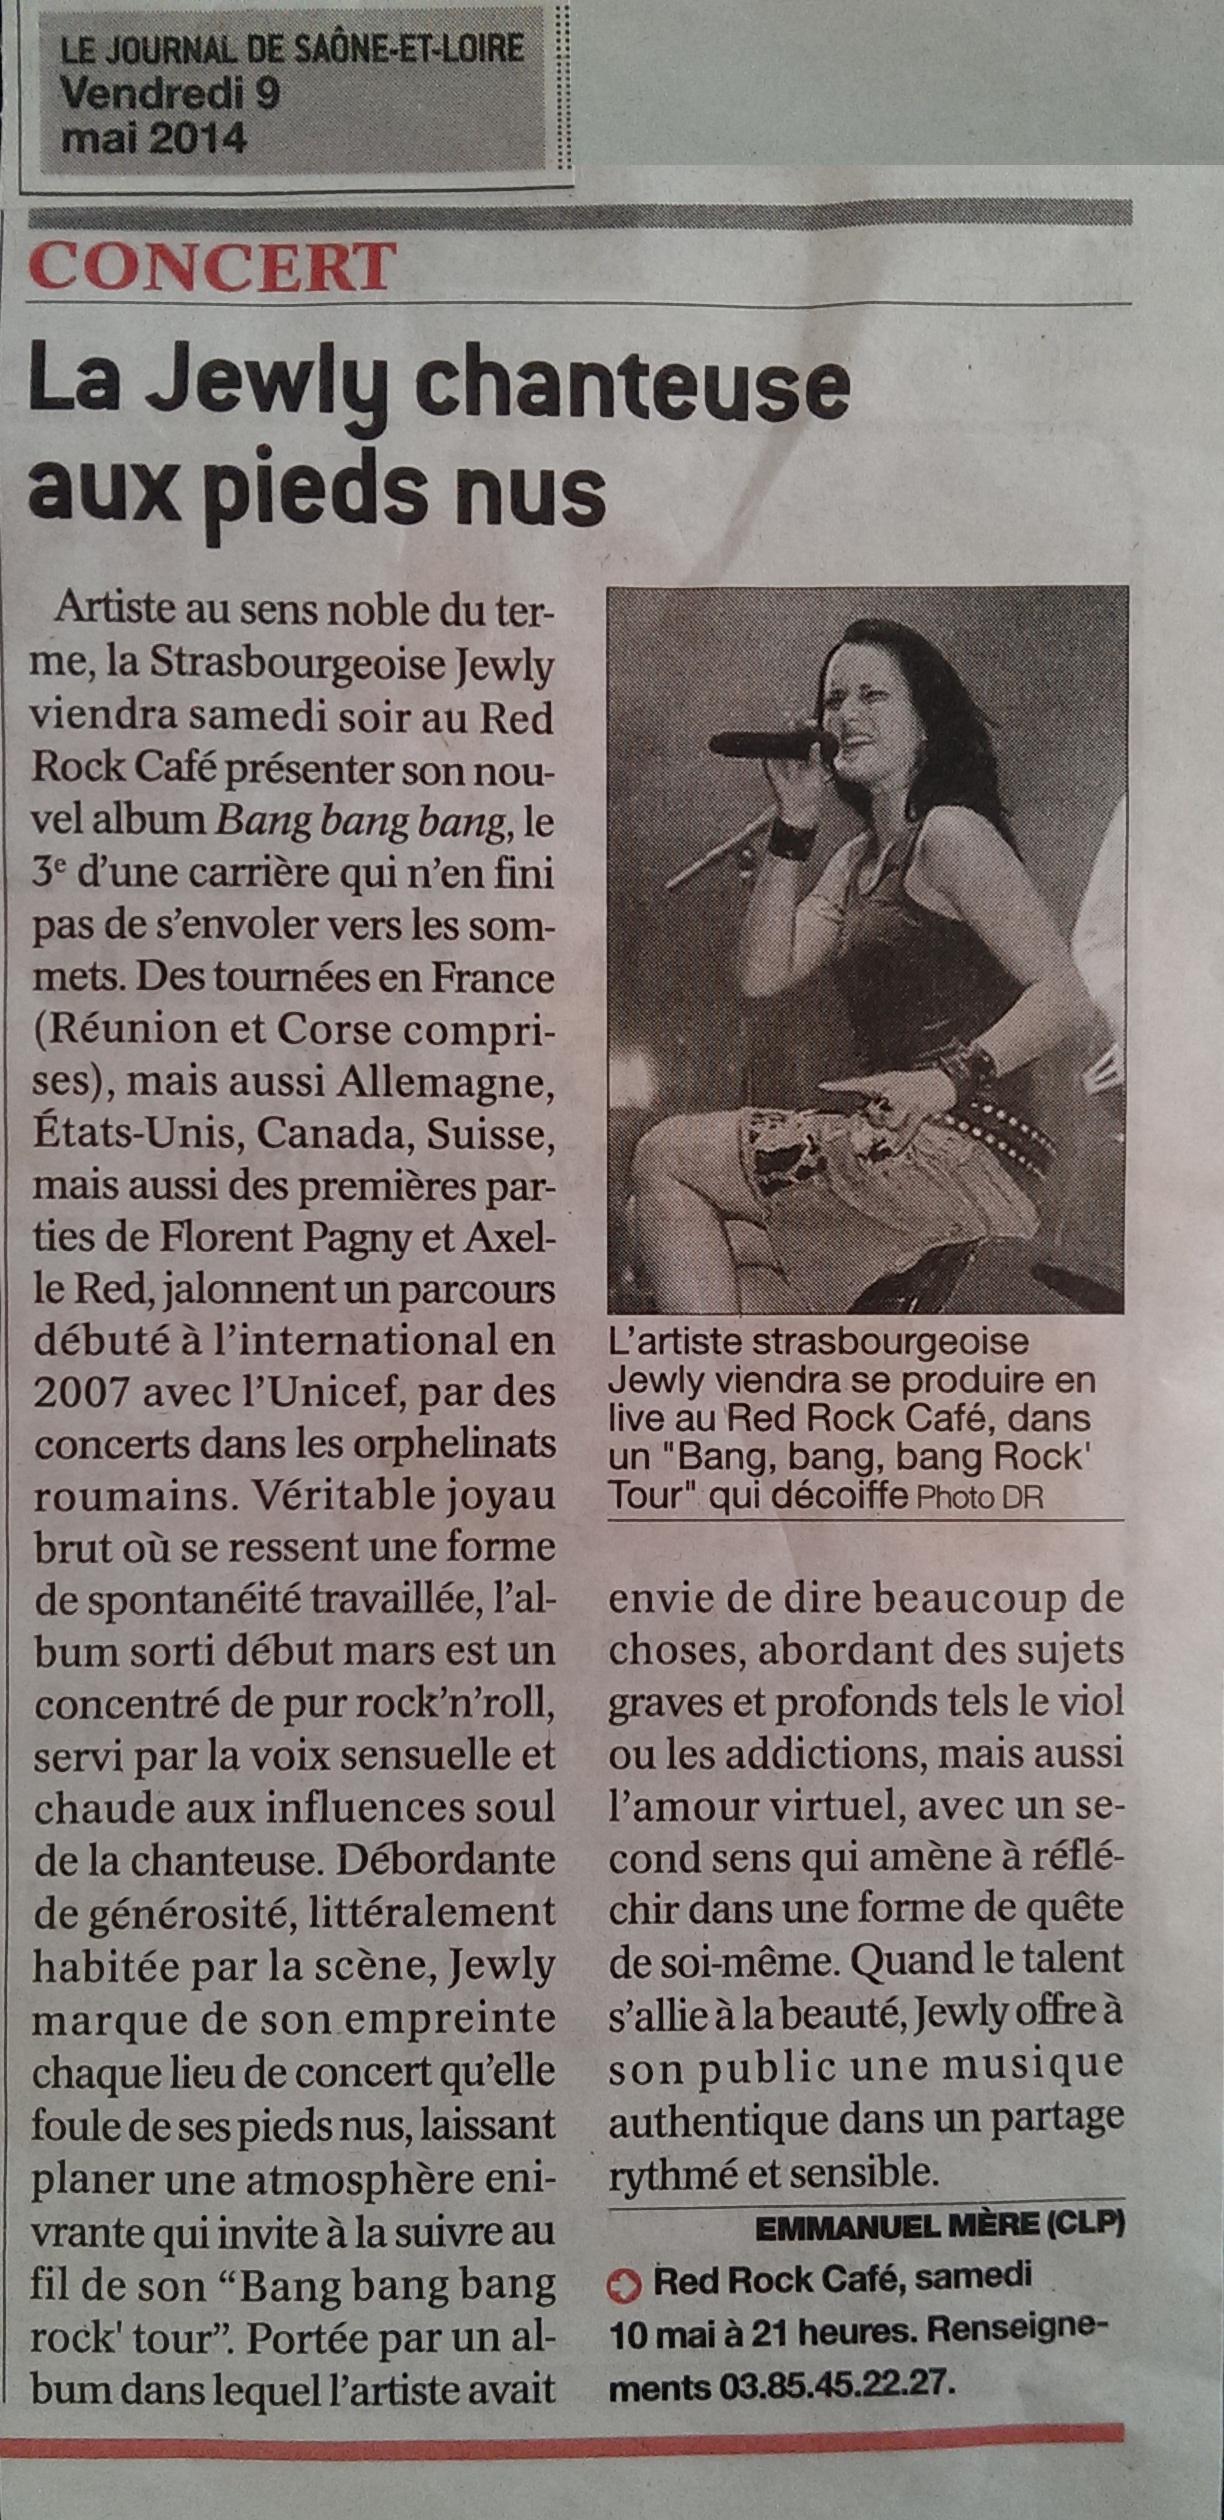 Le Journal de Saône-et-Loire – 09/05/2014